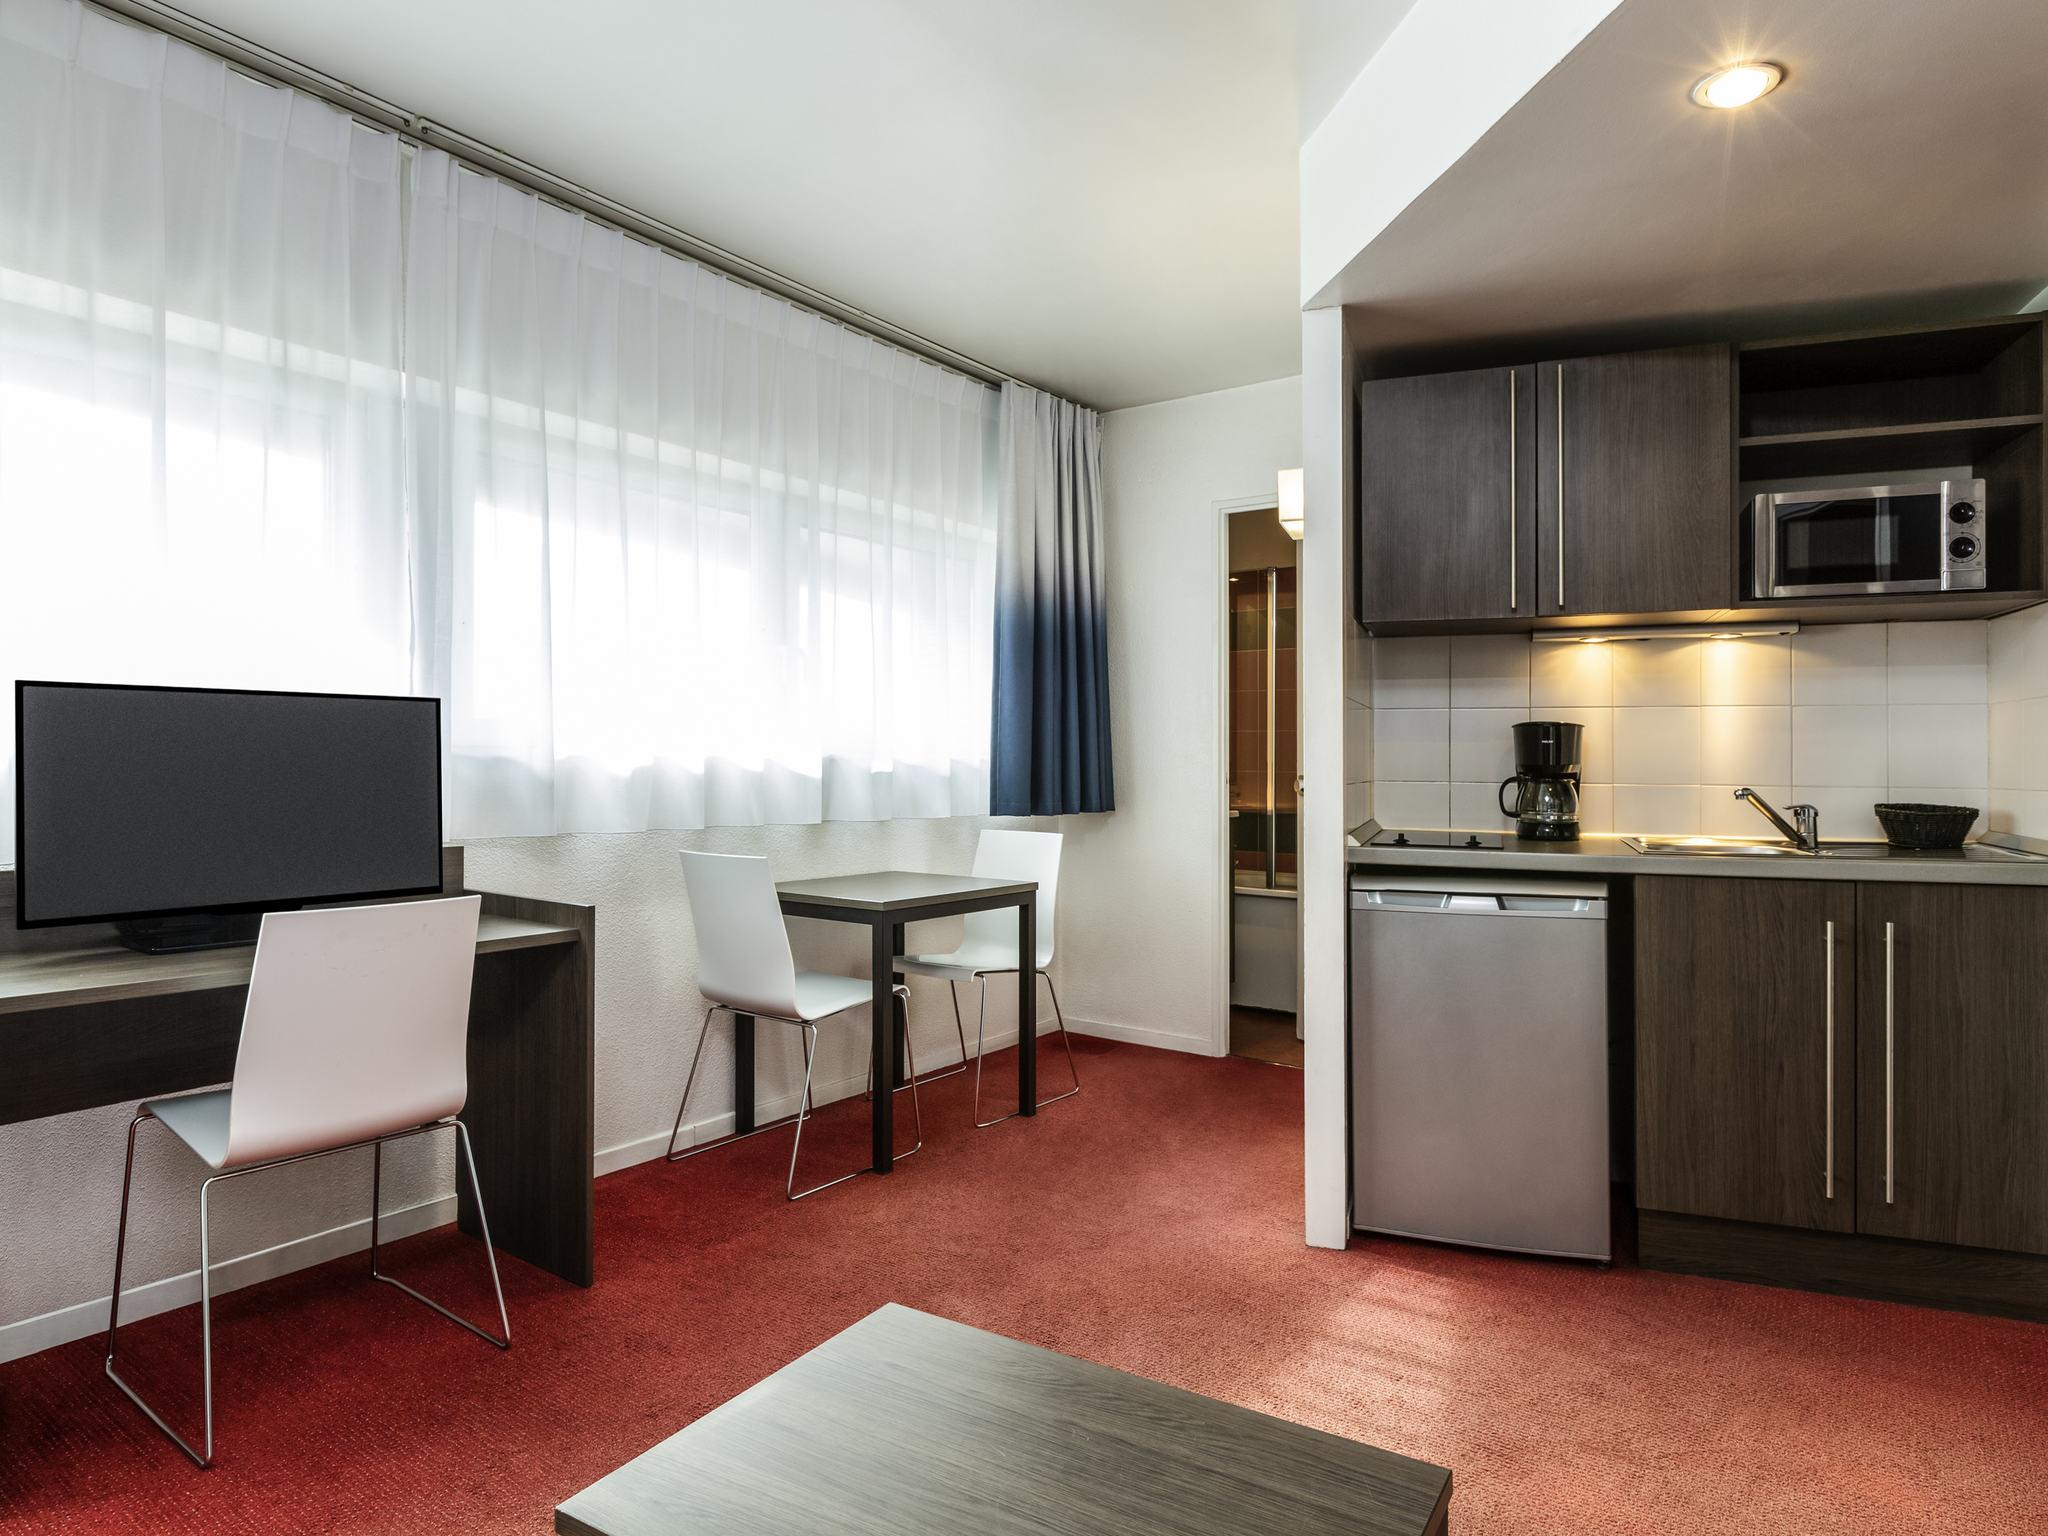 Hotel – Hotel de apartamentos Adagio access Paris La Villette